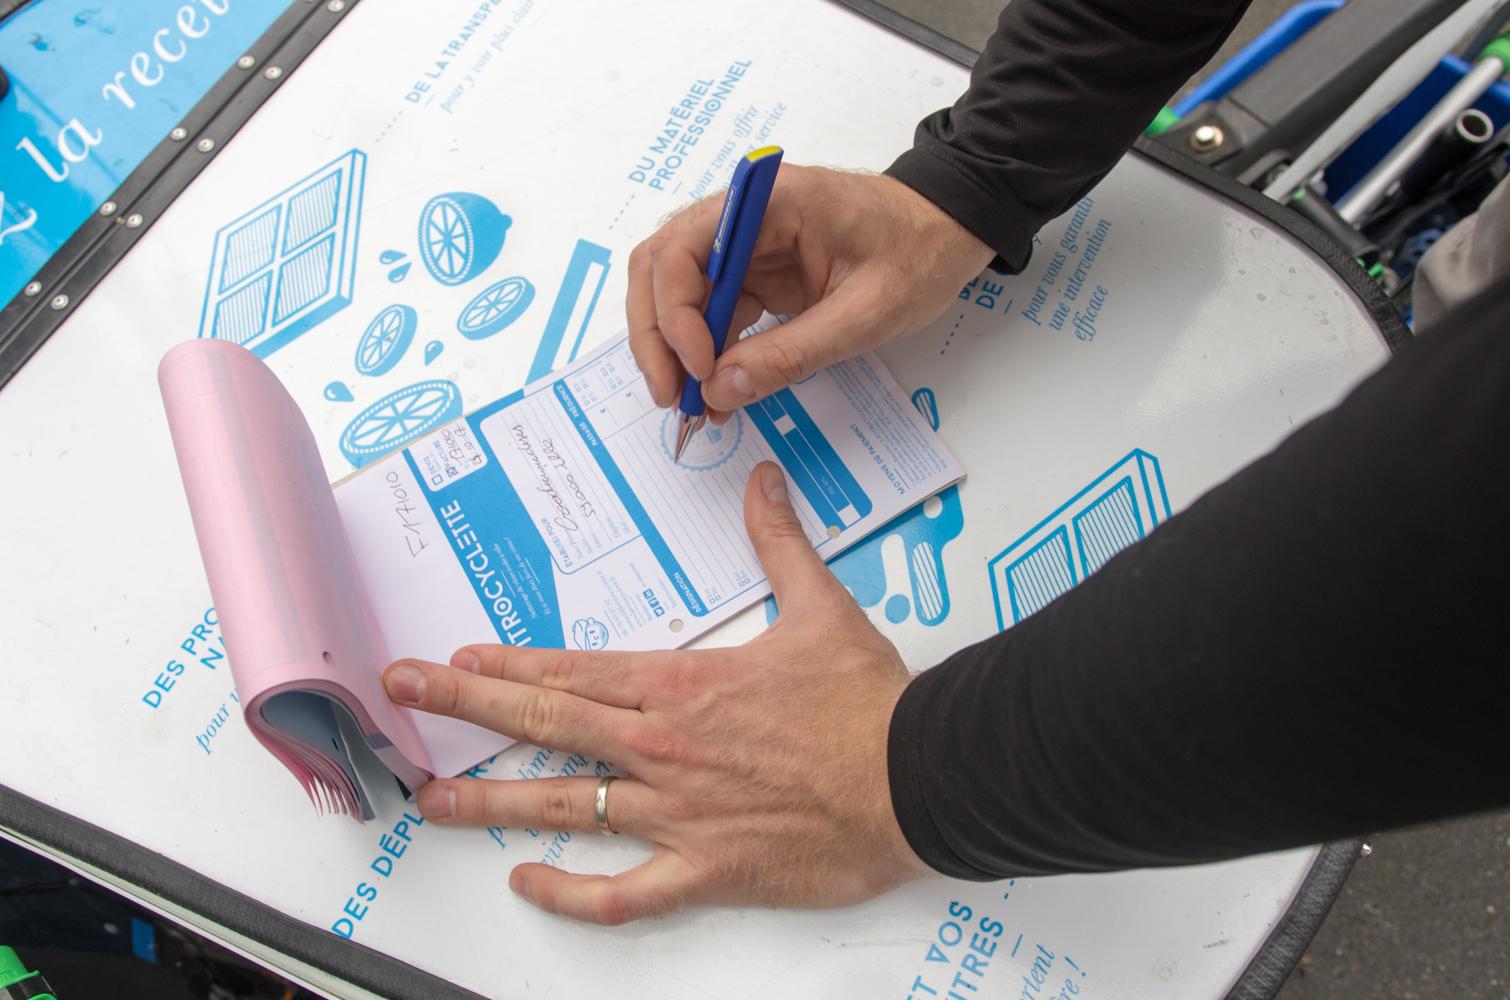 La Vitrocyclette - Devis nettoyage de vitres sur mesure offert